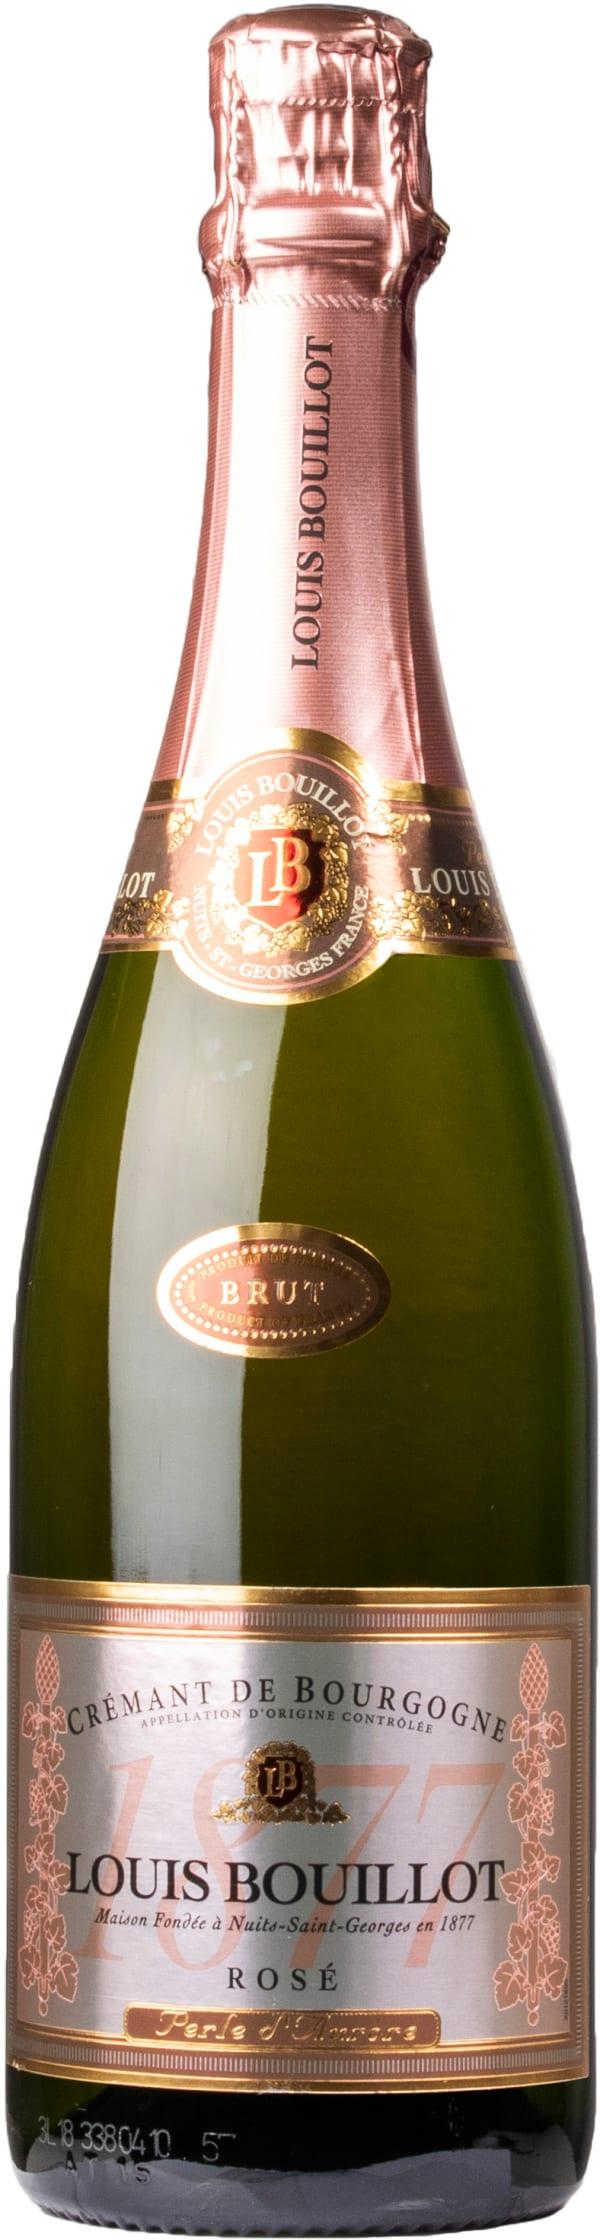 Louis Bouillot Crémant de Bourgogne Rose Brut